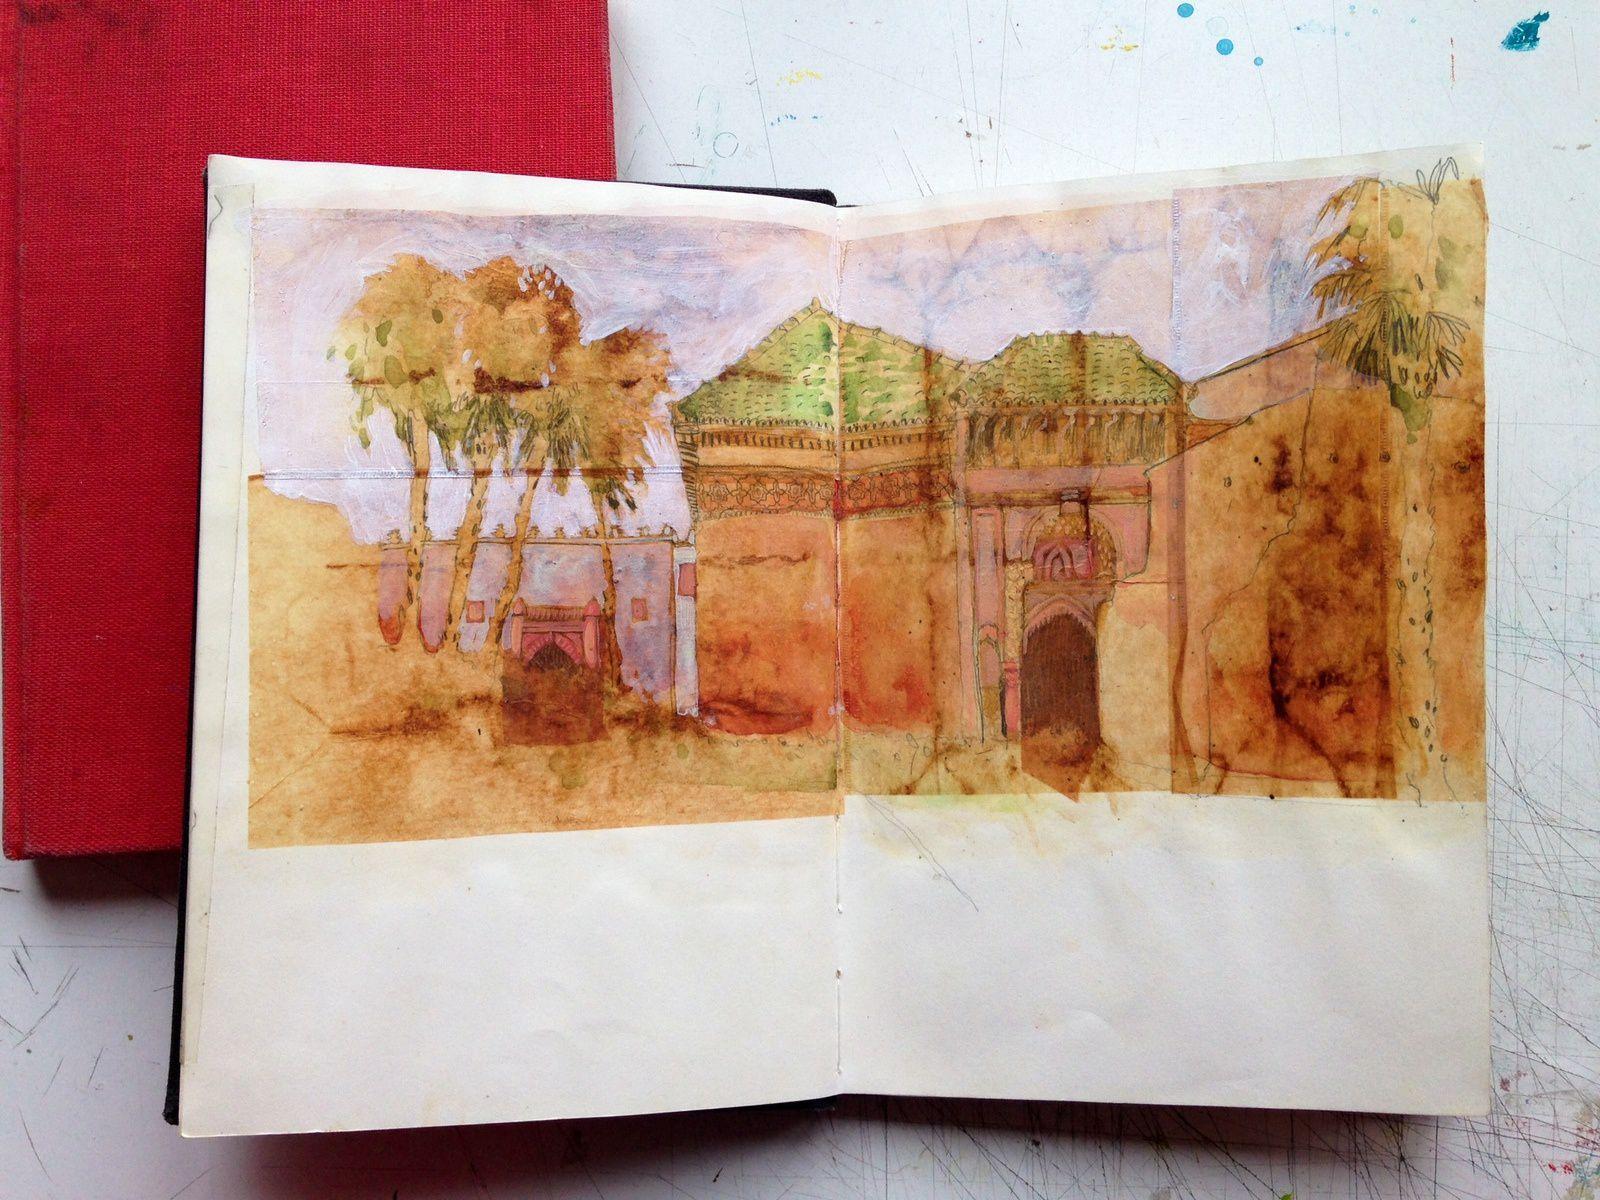 Maroc, septembre 2003, 2 carnets, écriture d'une quinzaine de textes courts. Collage de feuilles de sachet de thé, encre de chine, pigment ocre, aquarelle.